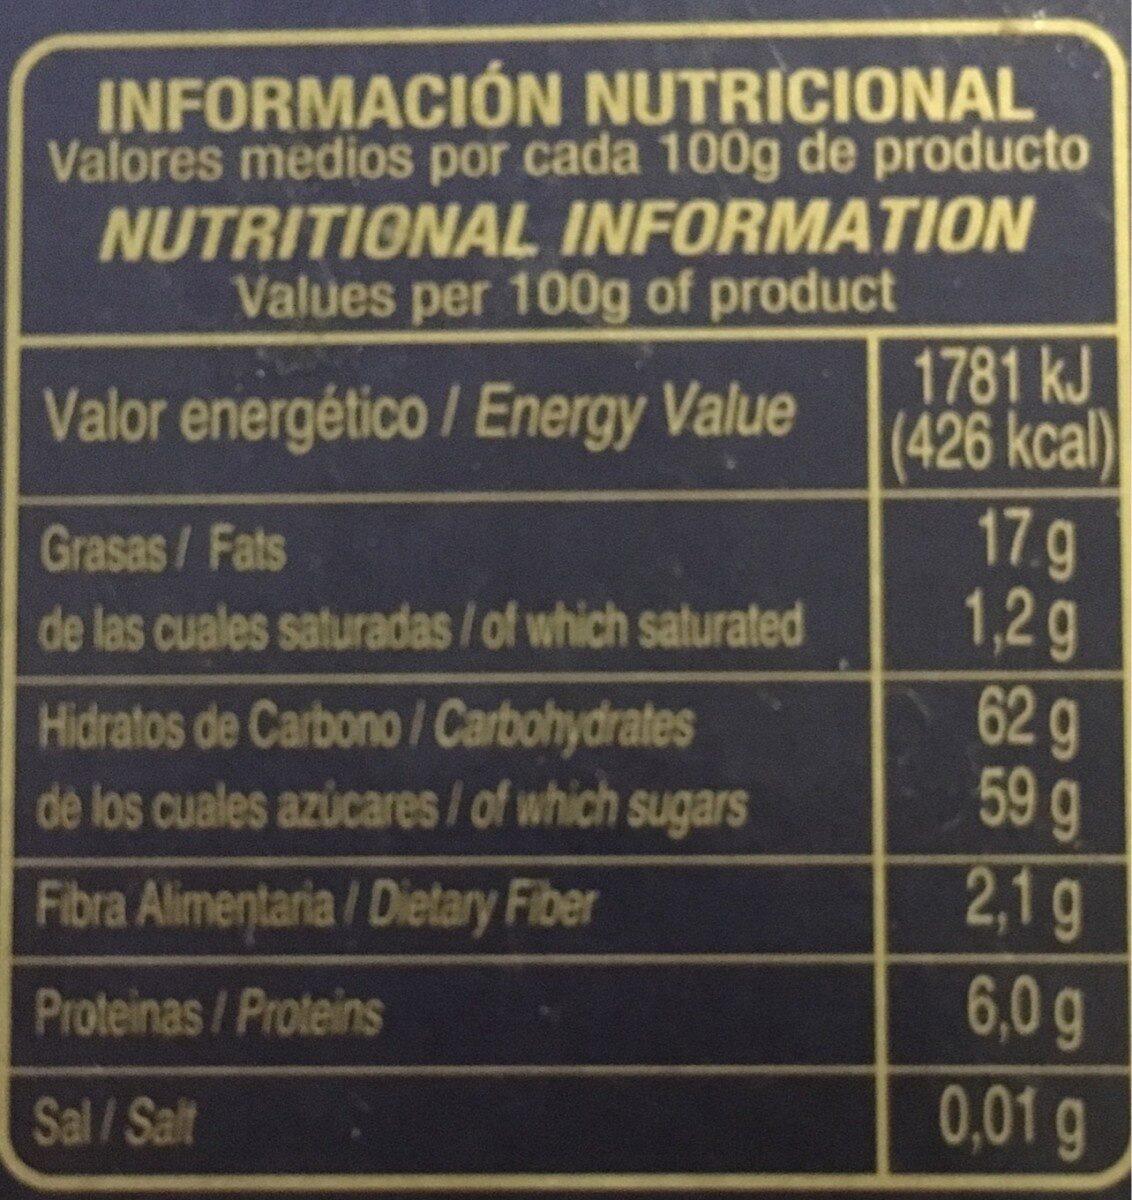 Turrón fruta - Nutrition facts